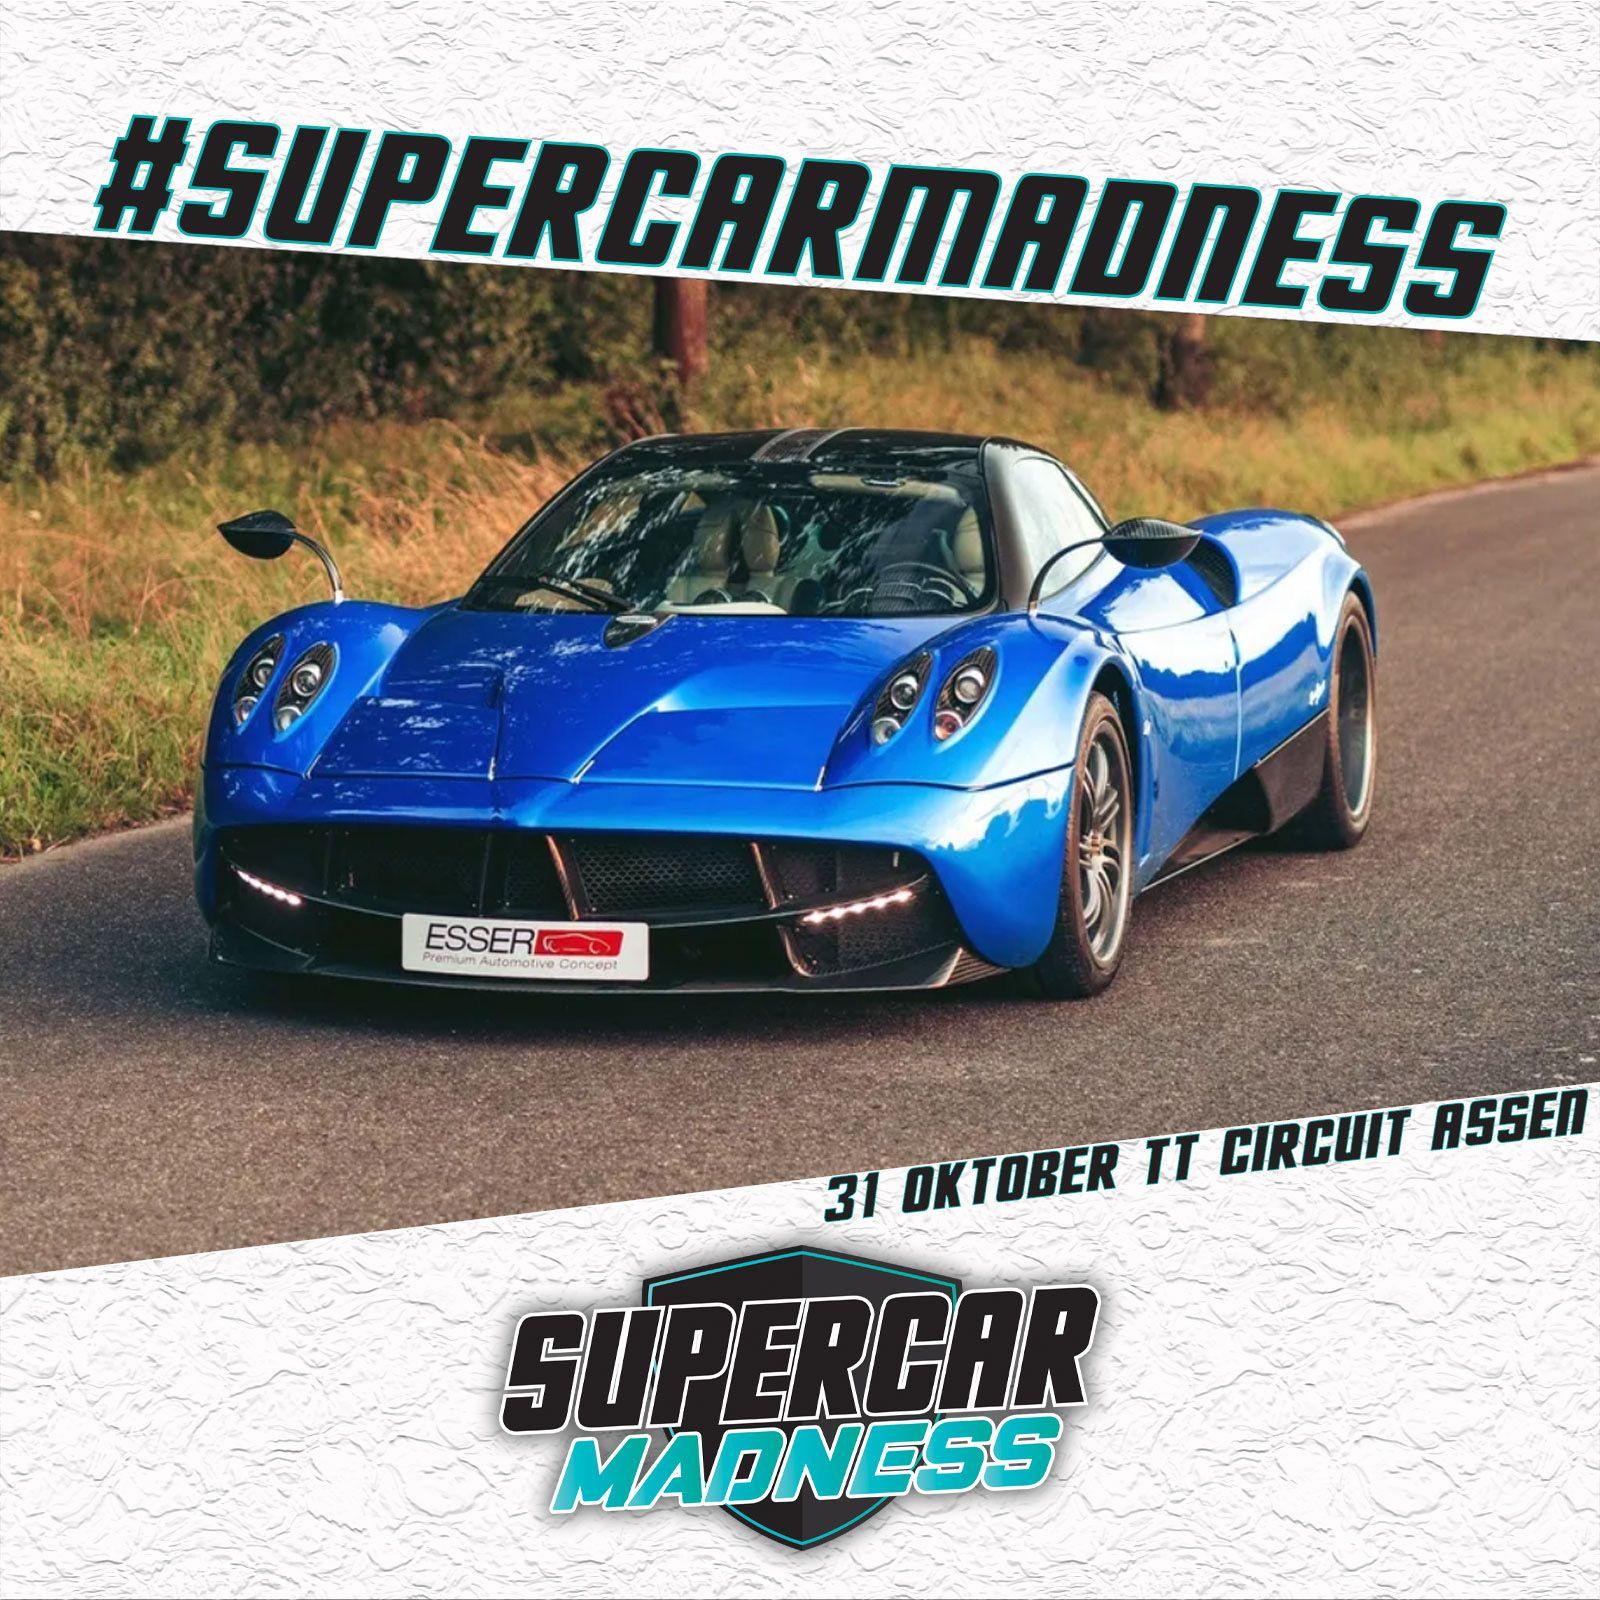 BREAKING-NEWS: Mega exclusieve en bijzondere Pagani Huayra (chassisnummer 001) aanwezig!